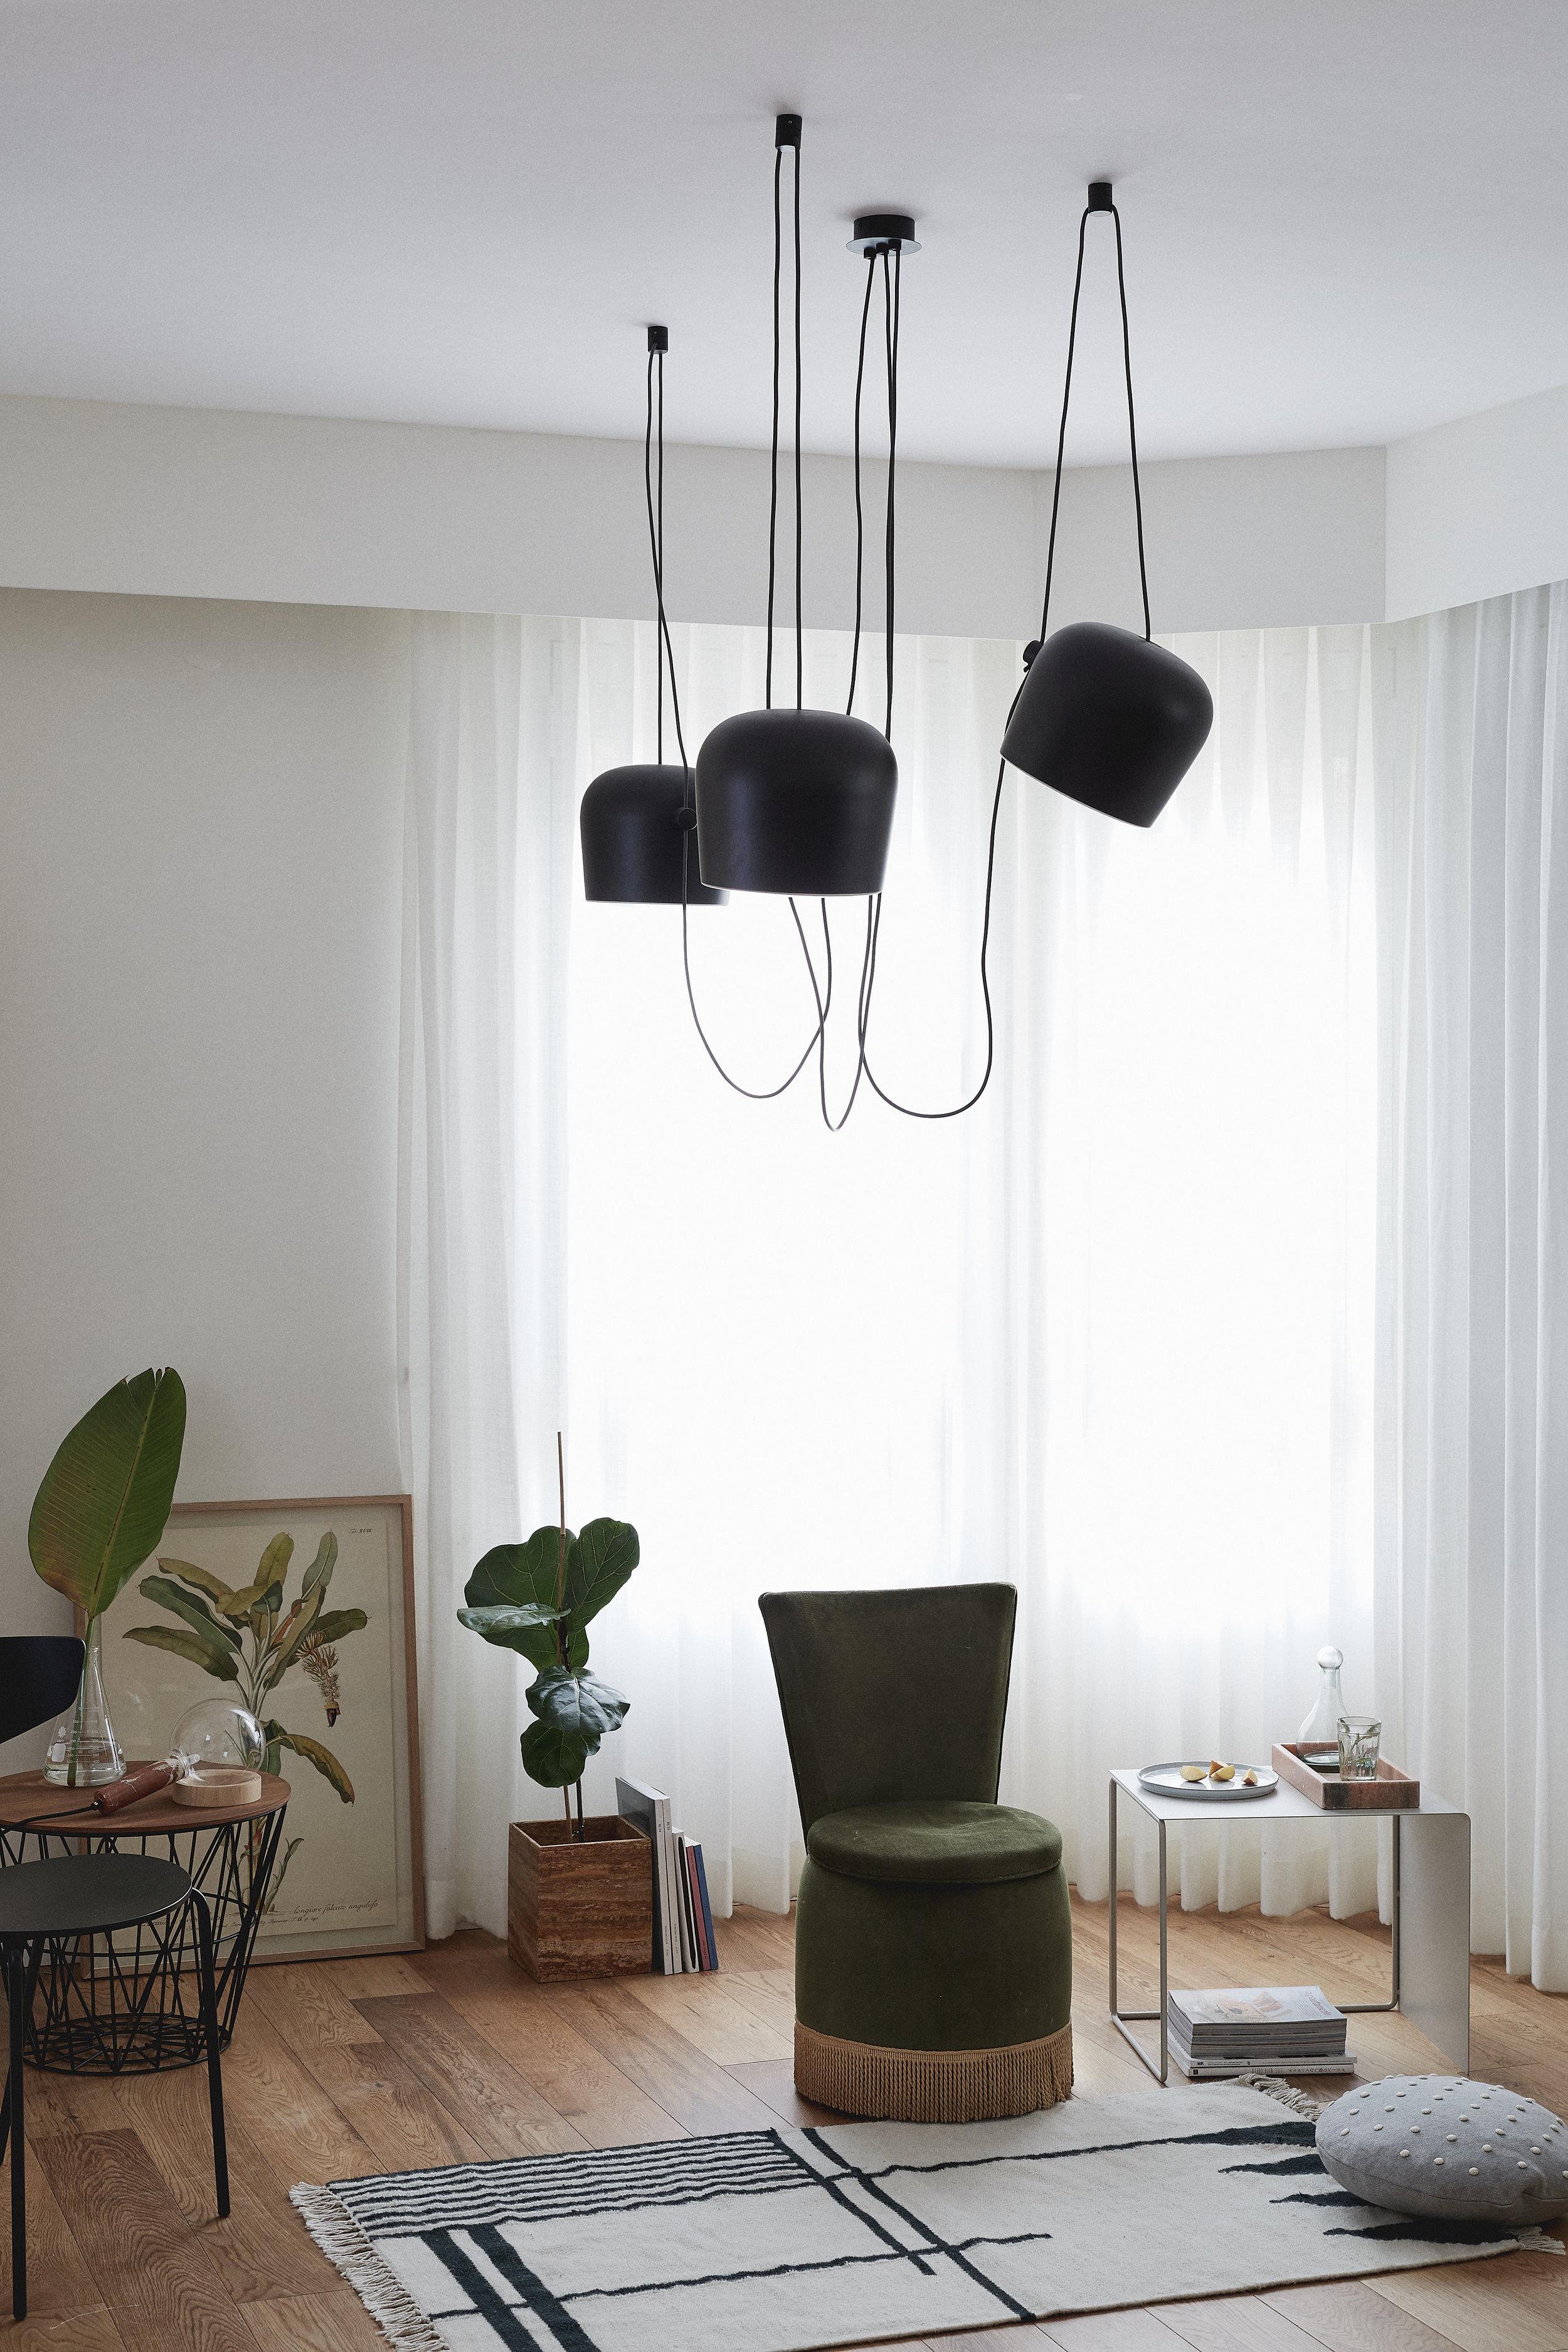 Flos lighting. green velvet chair. Ferm Living furniture